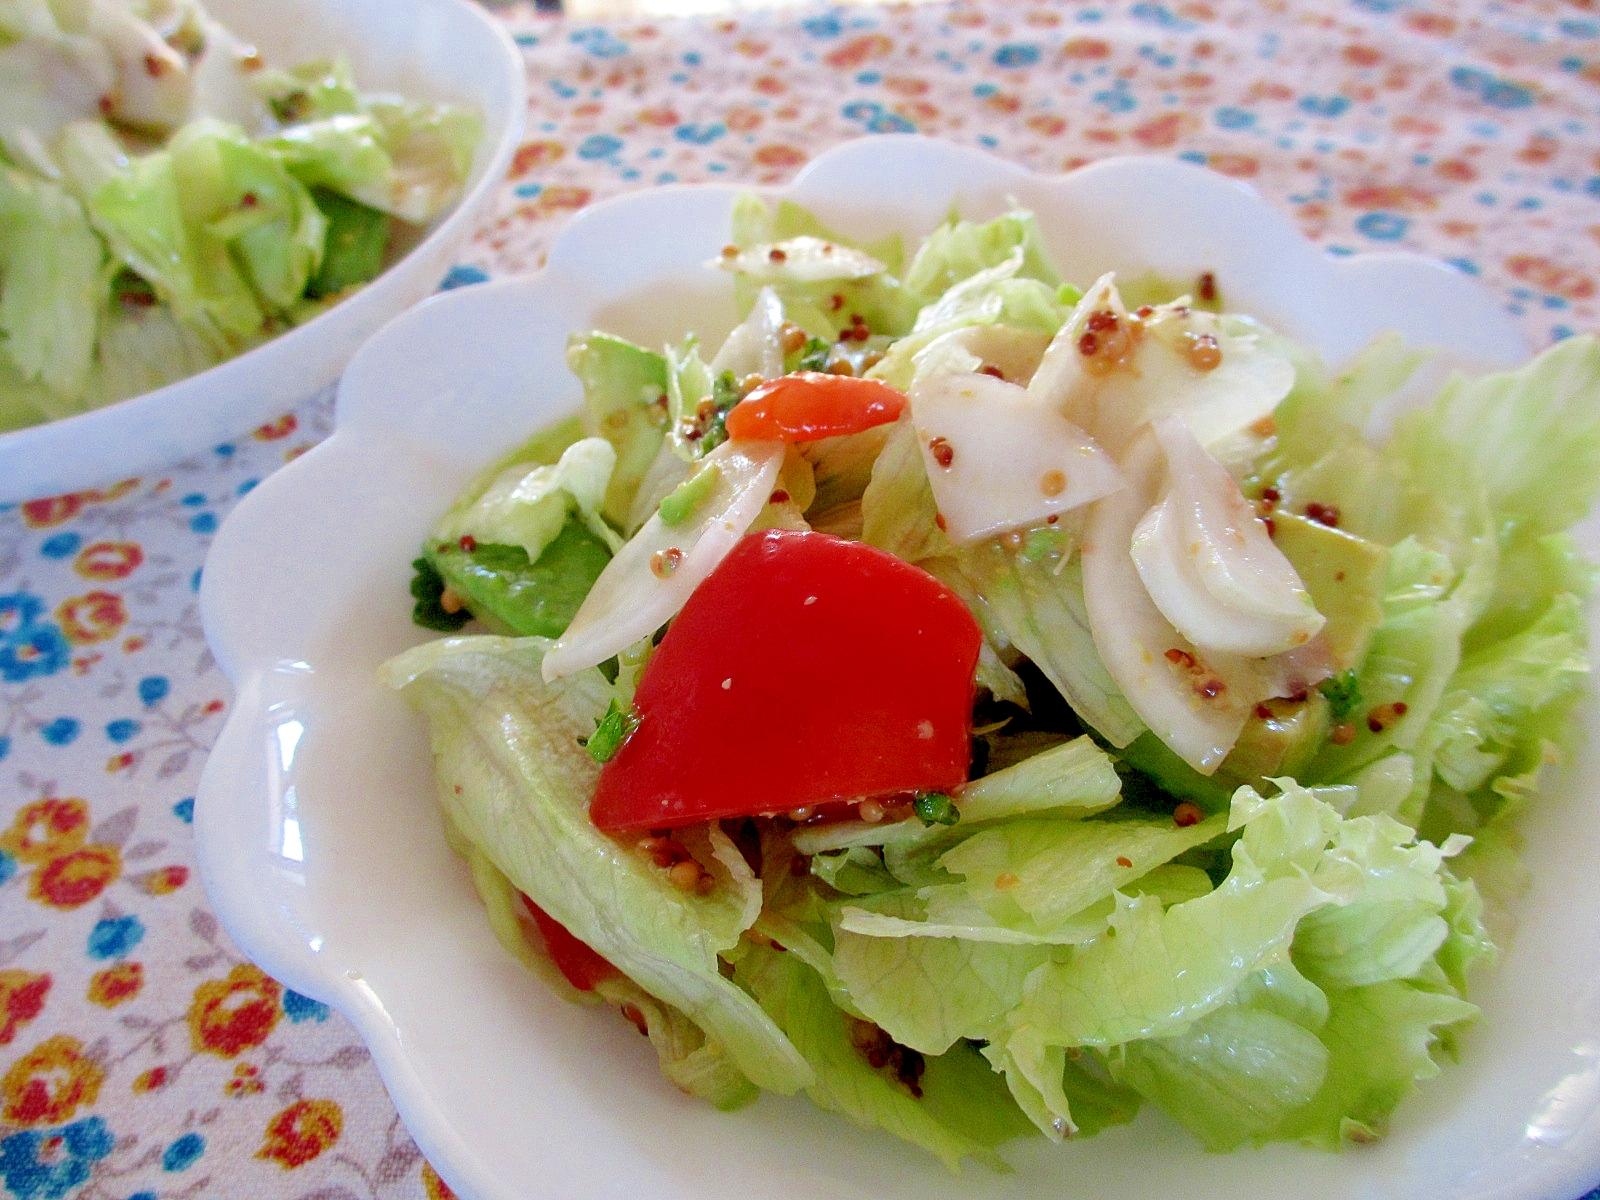 アボカド、トマト、カブのレタスサラダ